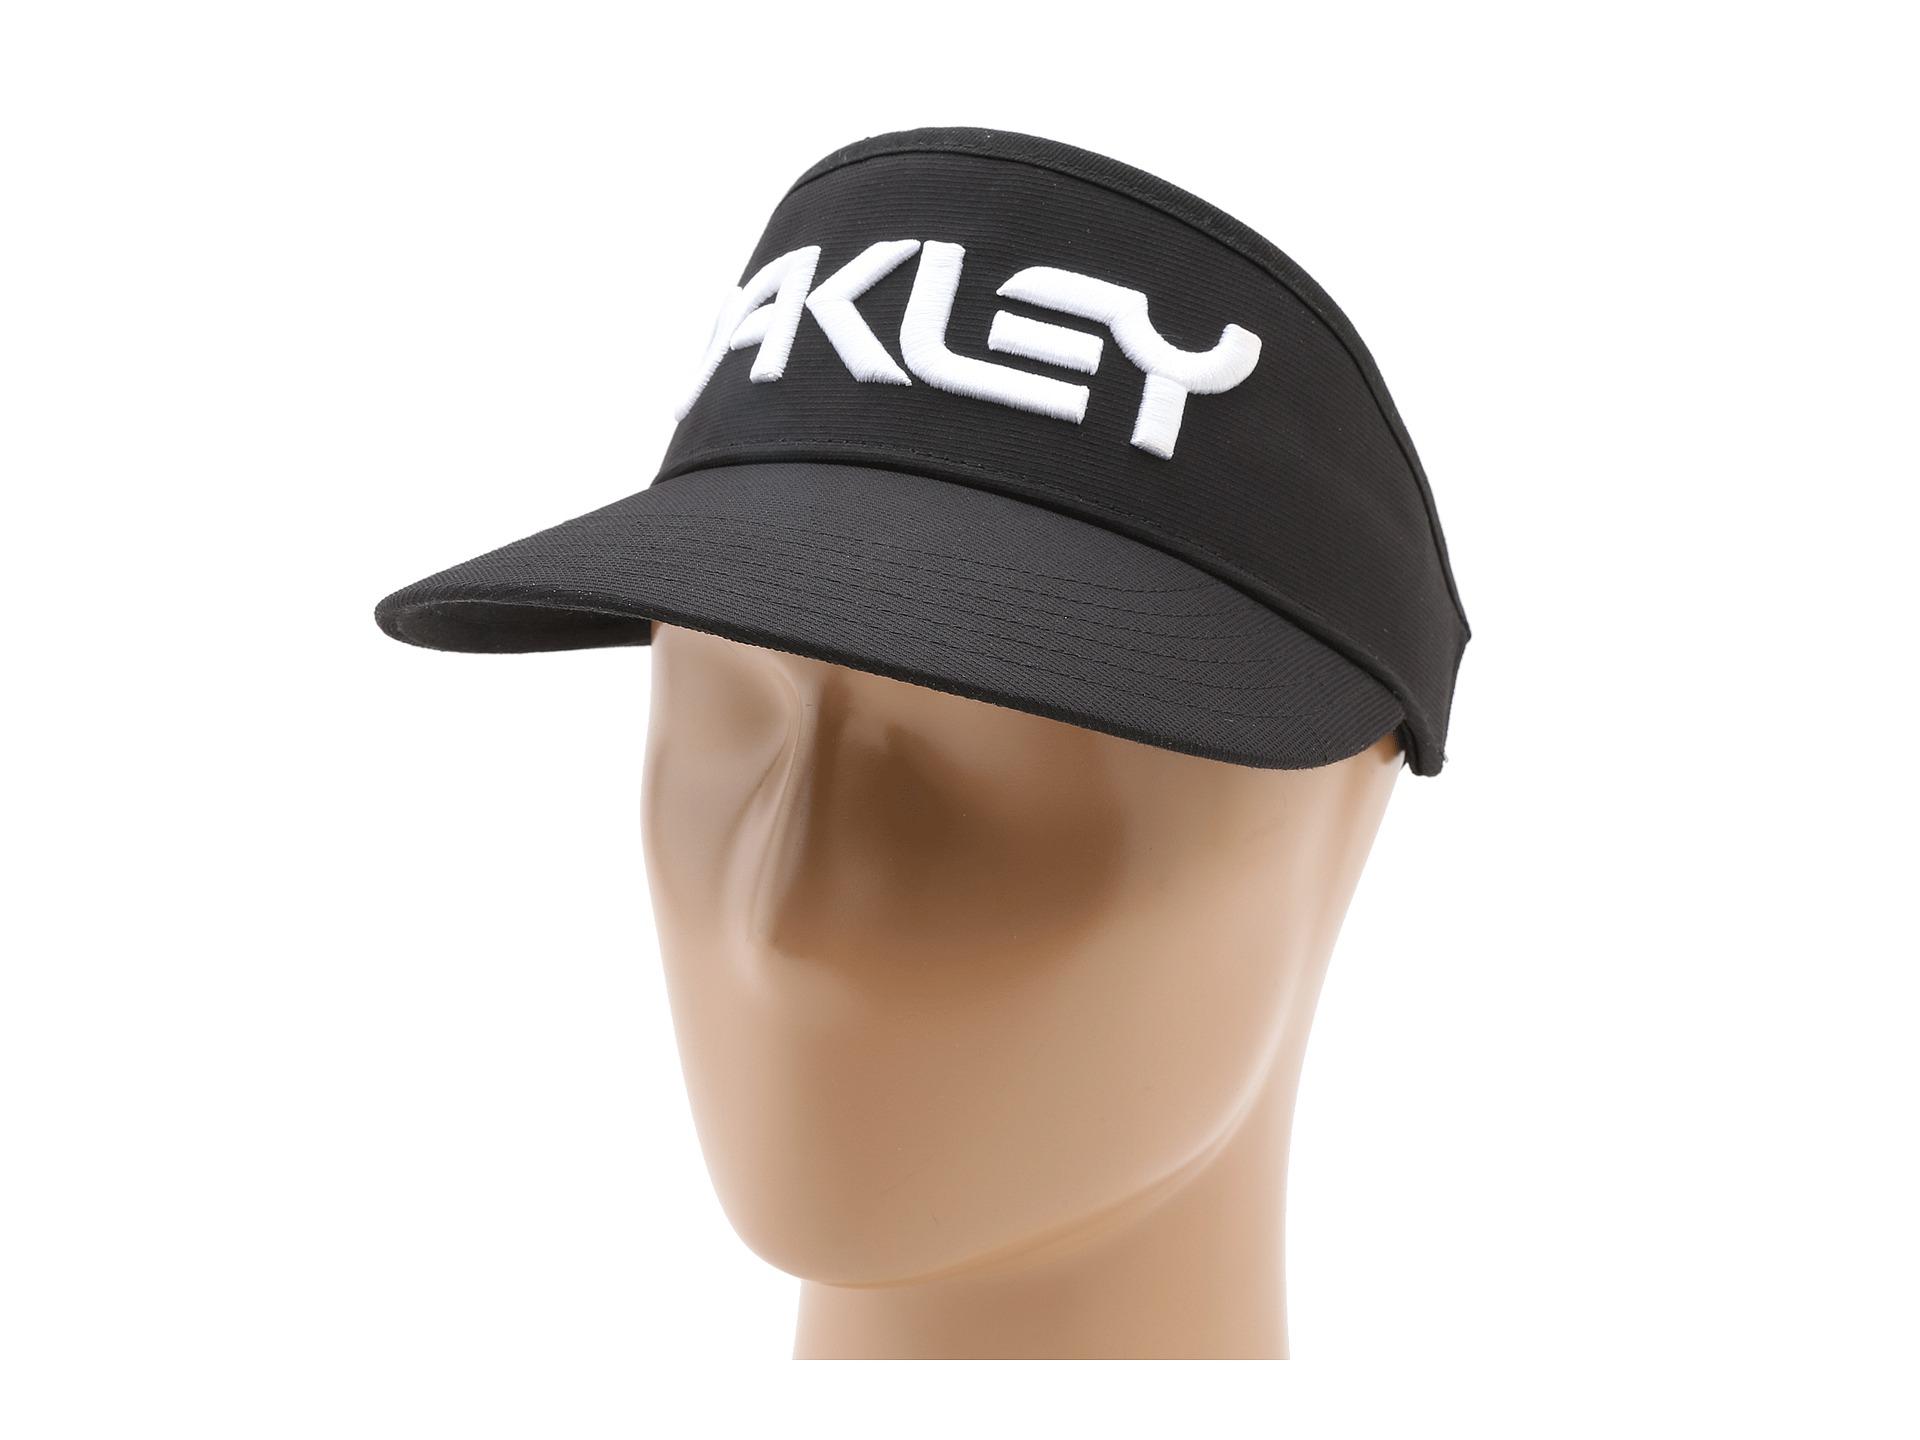 Lyst - Oakley High Crown Visor in Black for Men 778802e0fb1